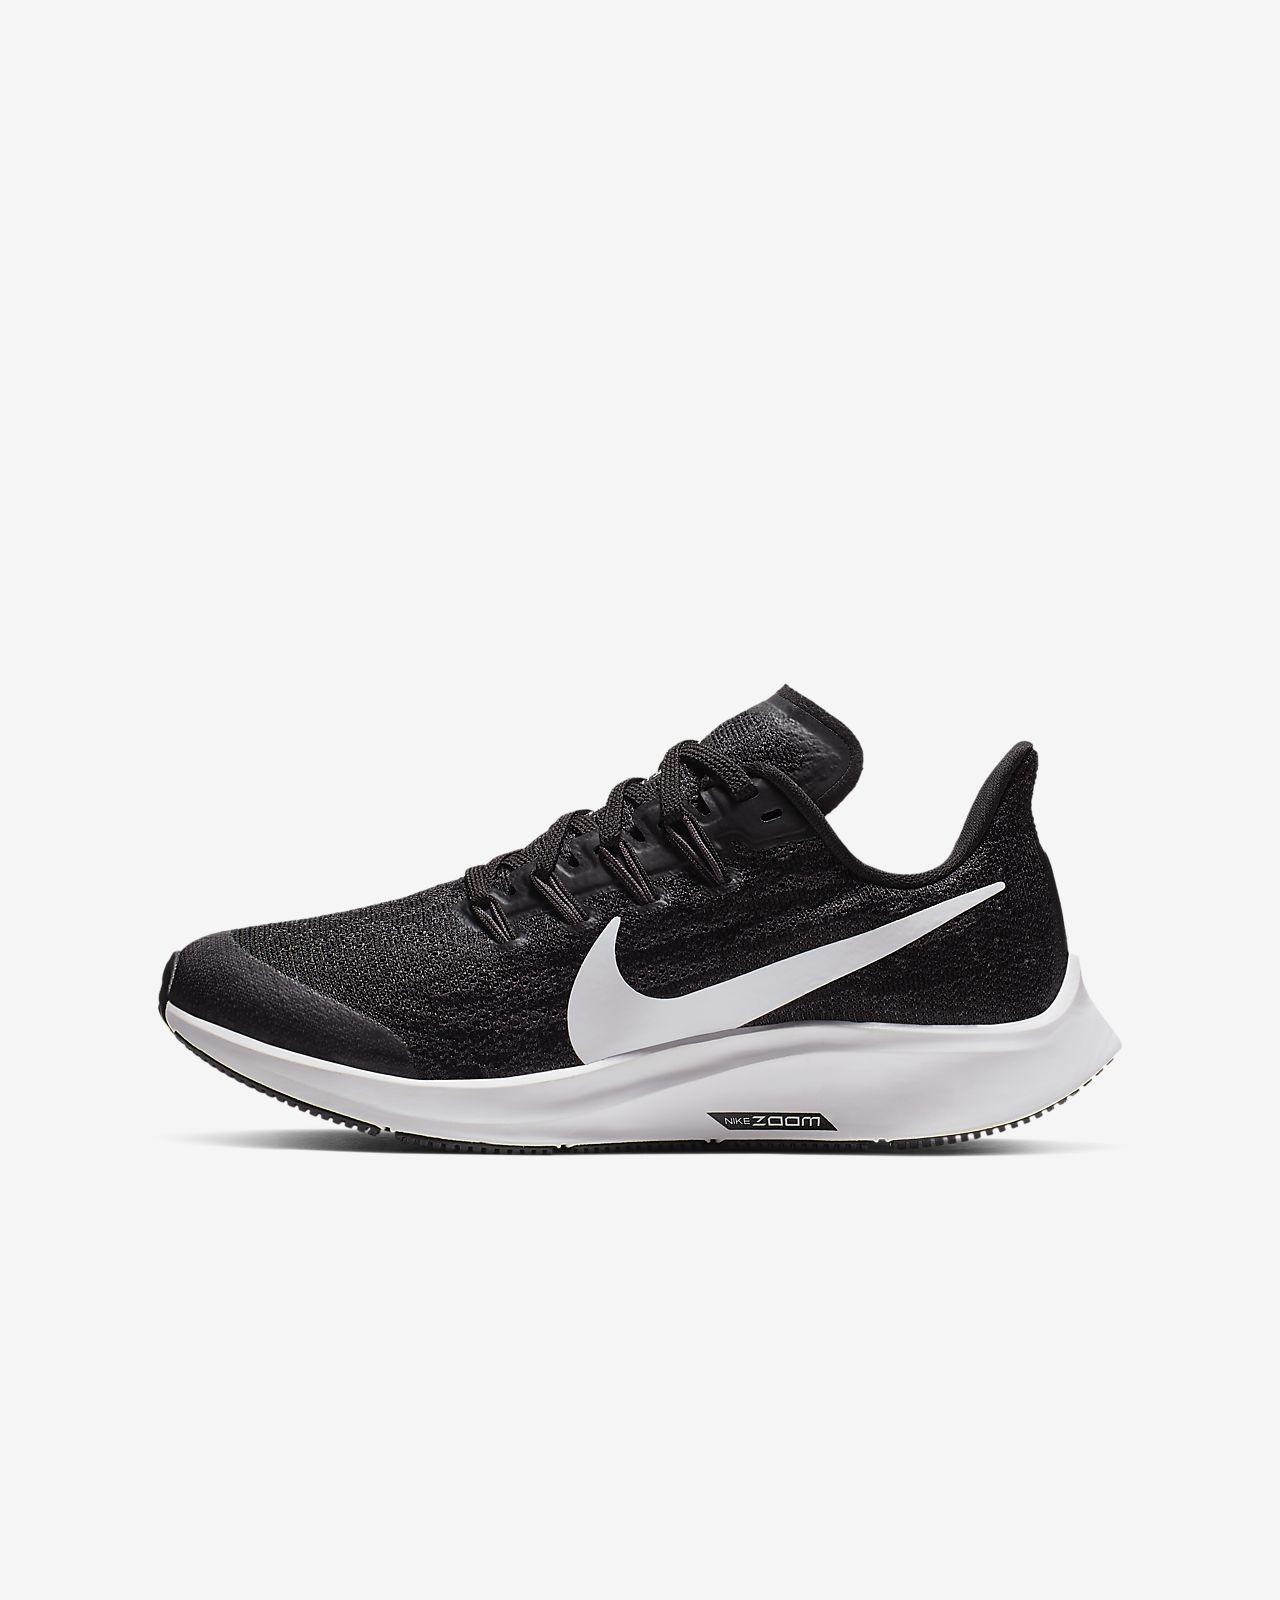 Chaussure de running Nike Air Zoom Pegasus 36 pour Jeune enfant/Enfant plus âgé